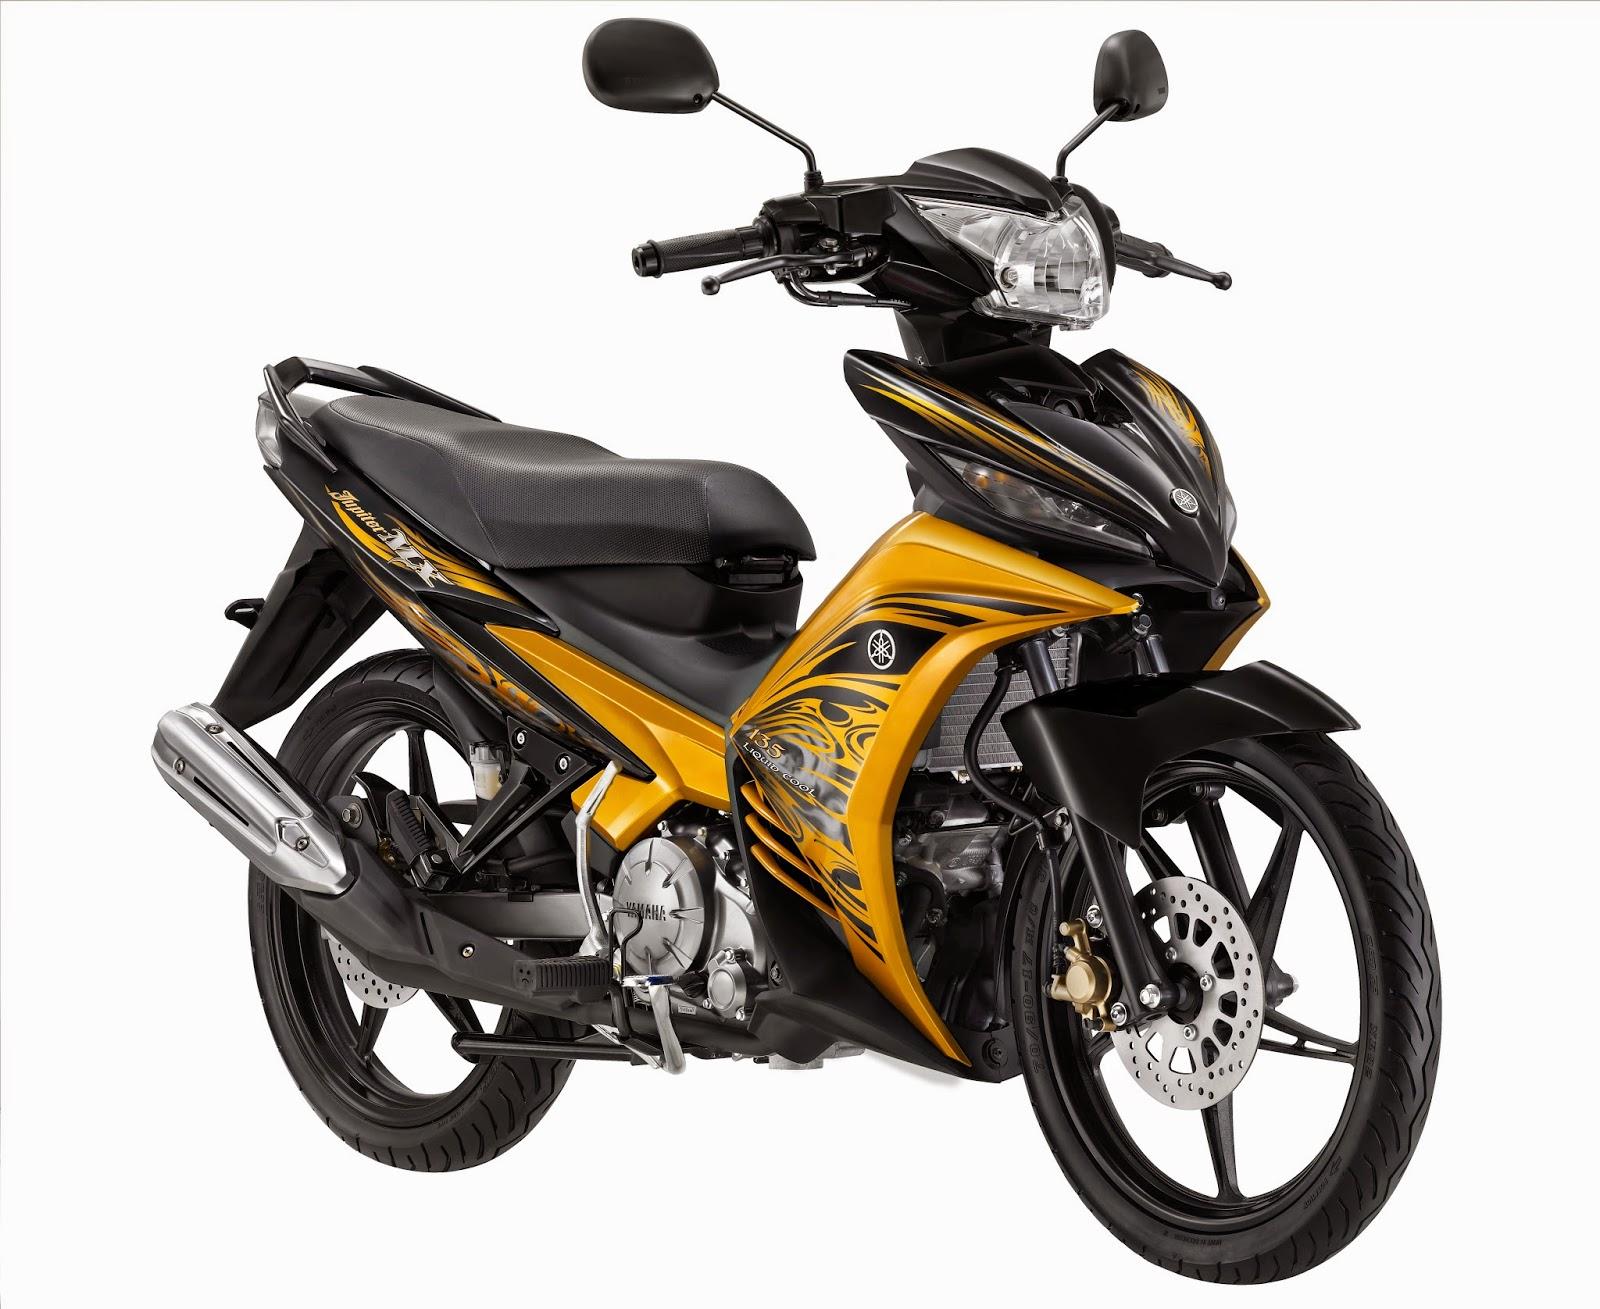 Dunia Modifikasi: Daftar Harga Kredit Motor Yamaha